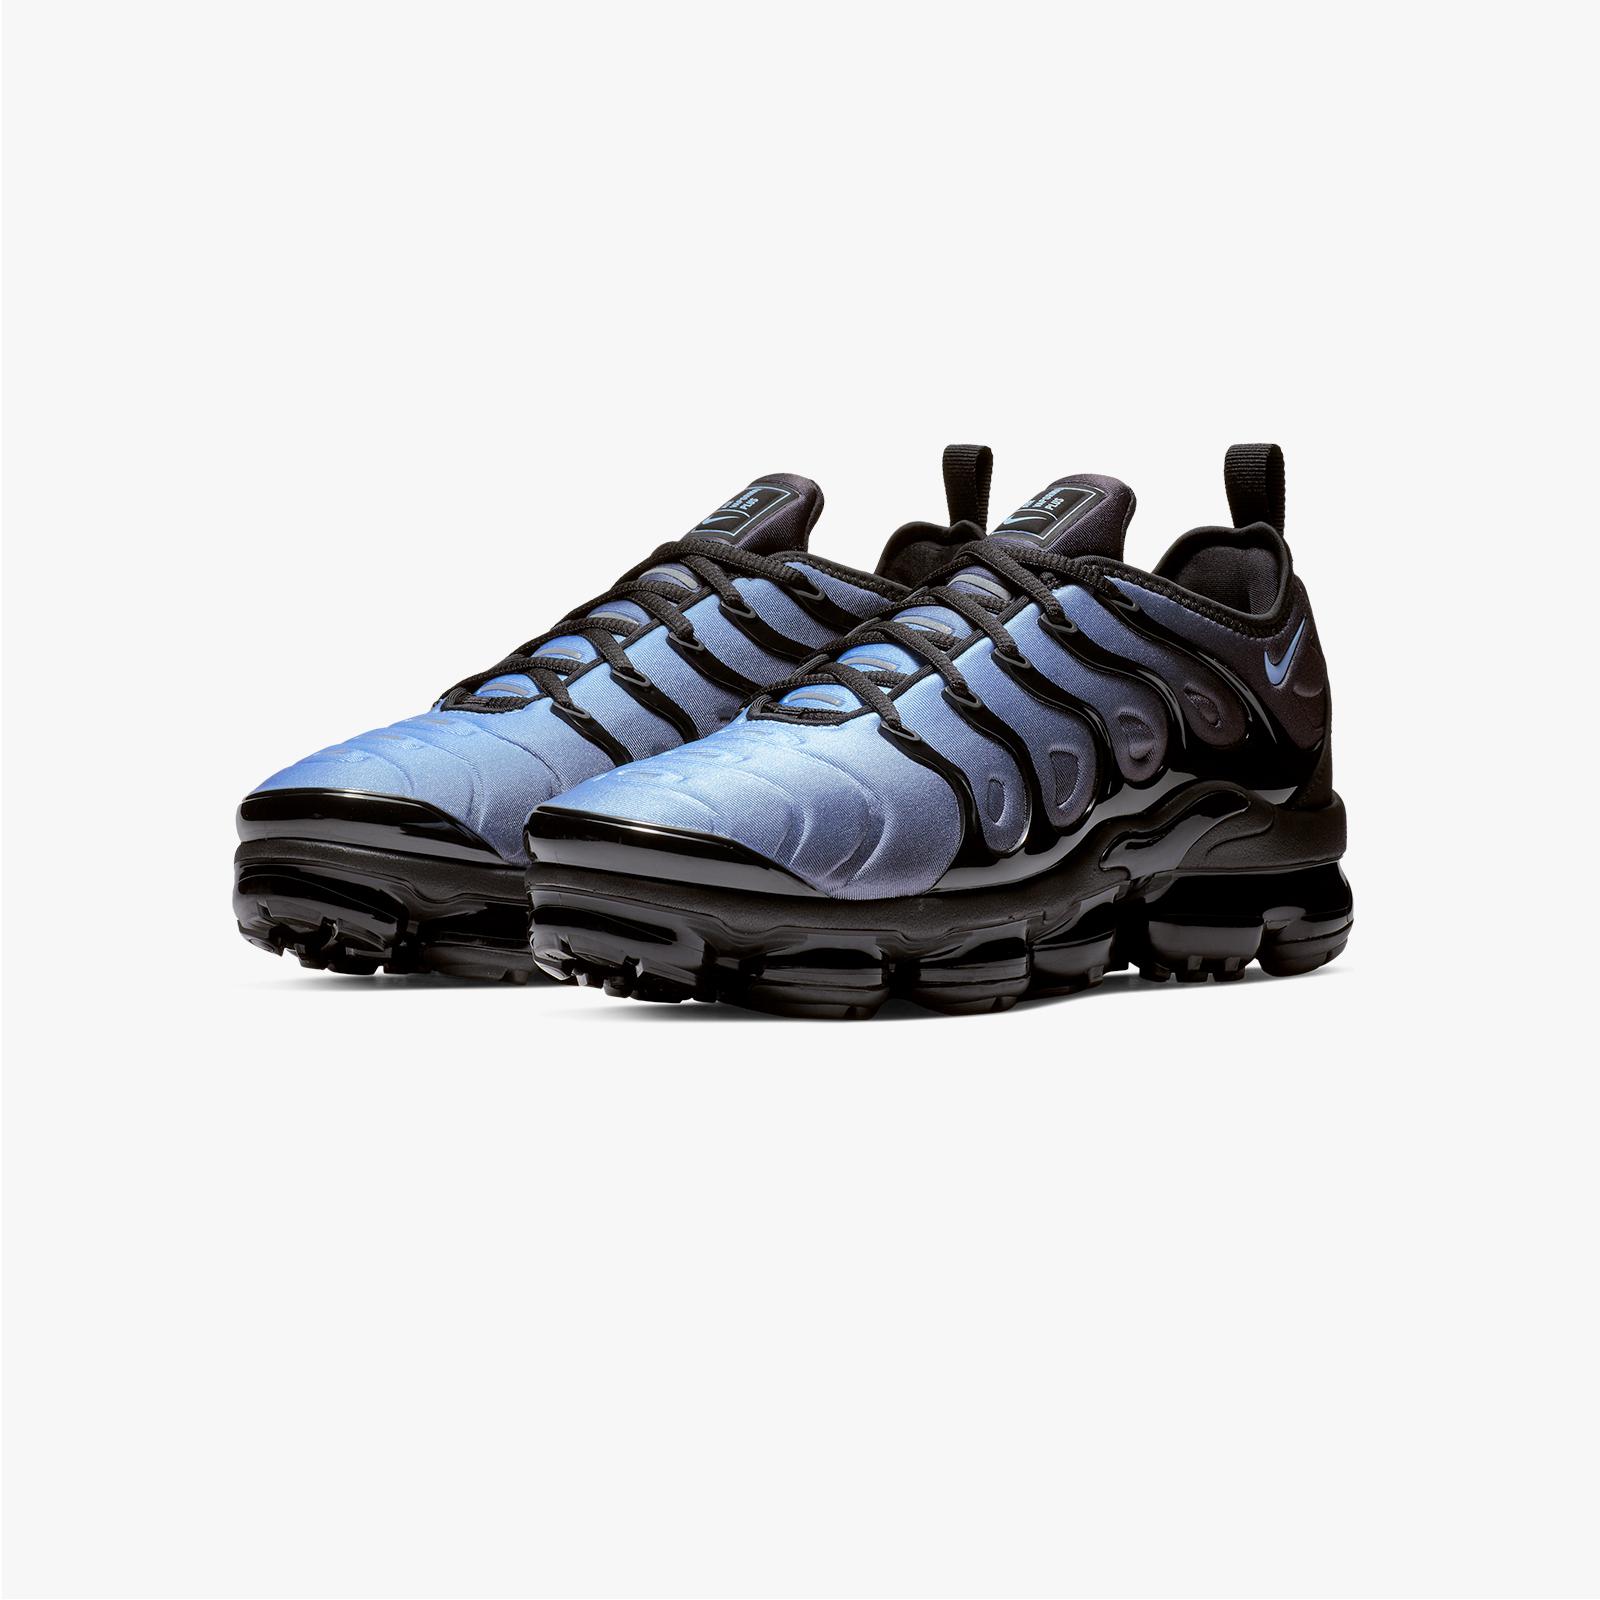 Nike Air Vapormax Plus - 924453-018